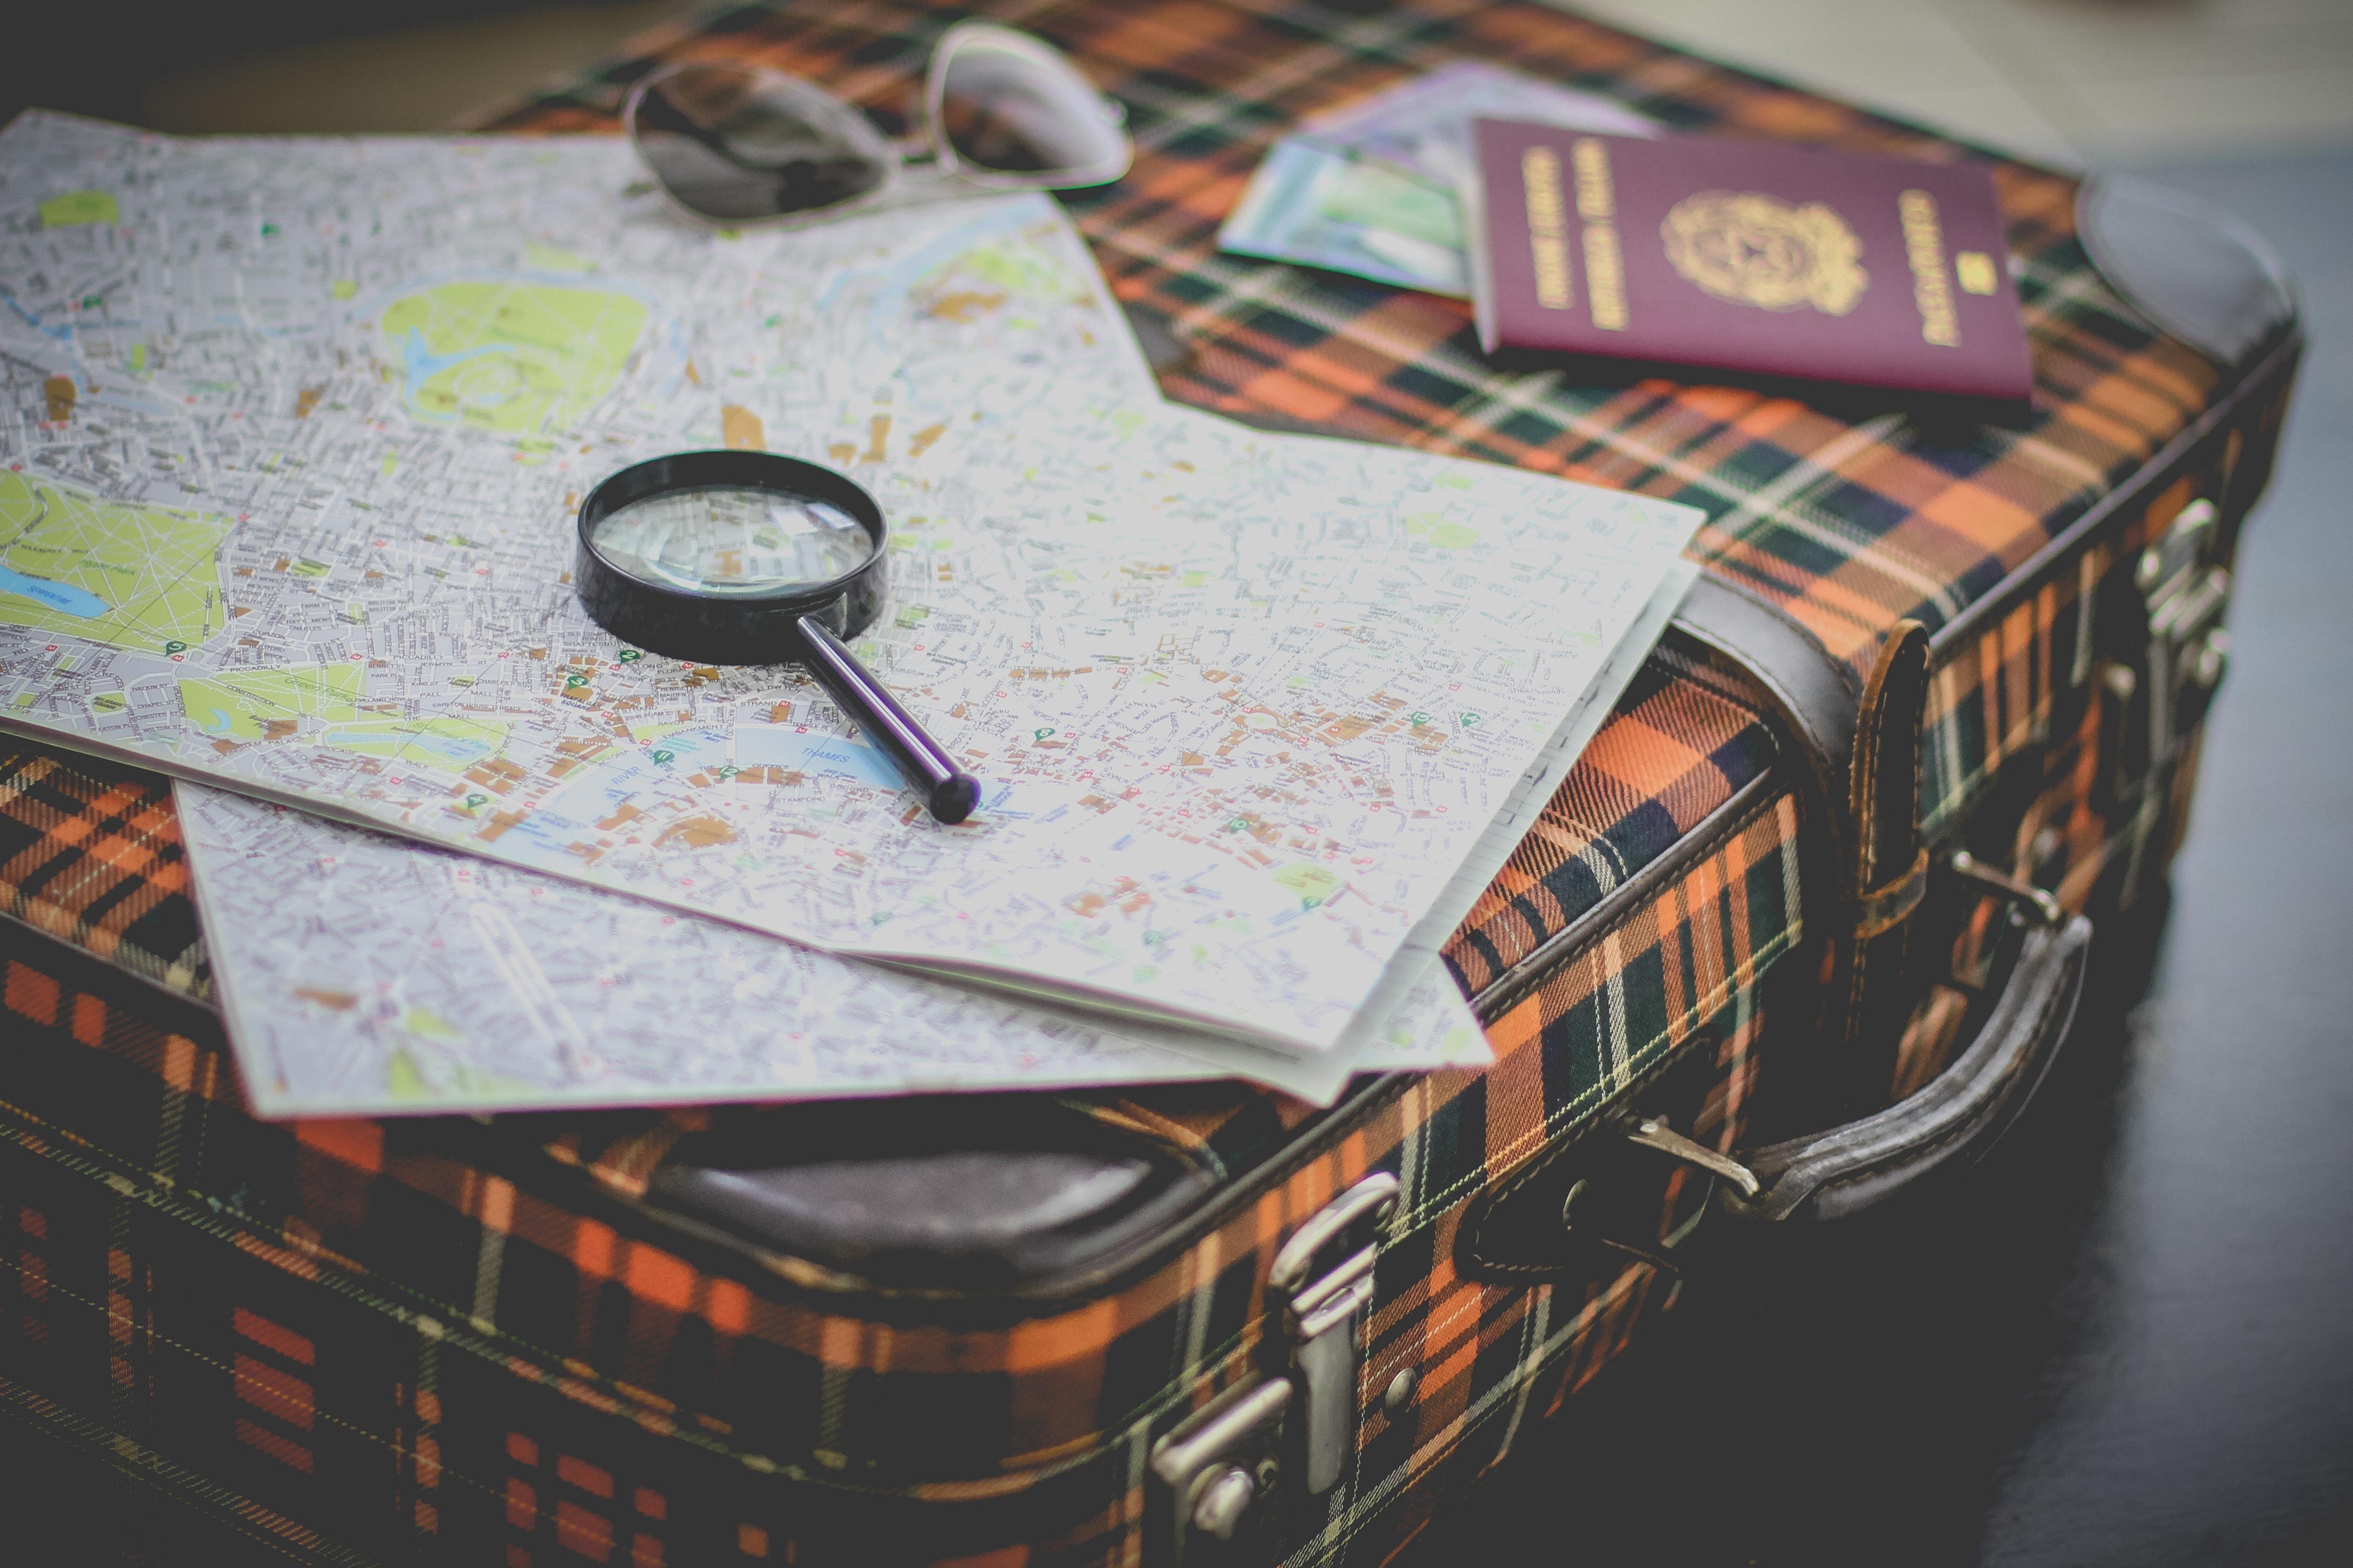 Pasaporte digital: una nueva forma para viajar en el futuro - Featured Image